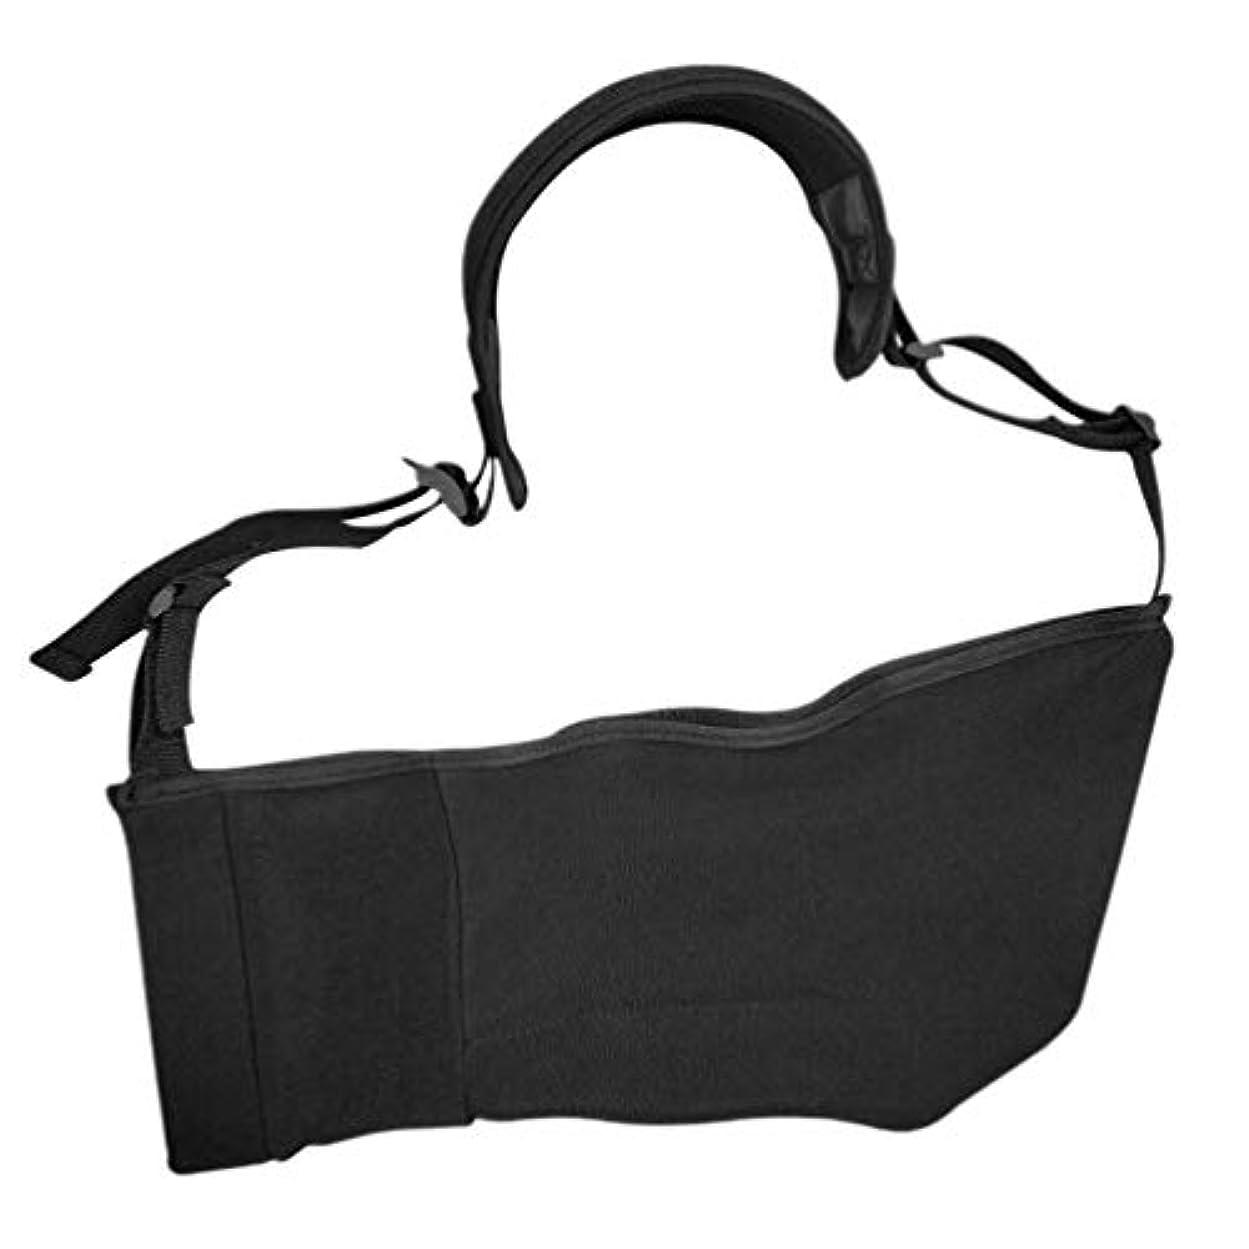 玉ねぎ模索囚人Heallily アームサポートショルダースリングバンド壊れたアームブレースイモビライザー肘安定器患者男性女性用